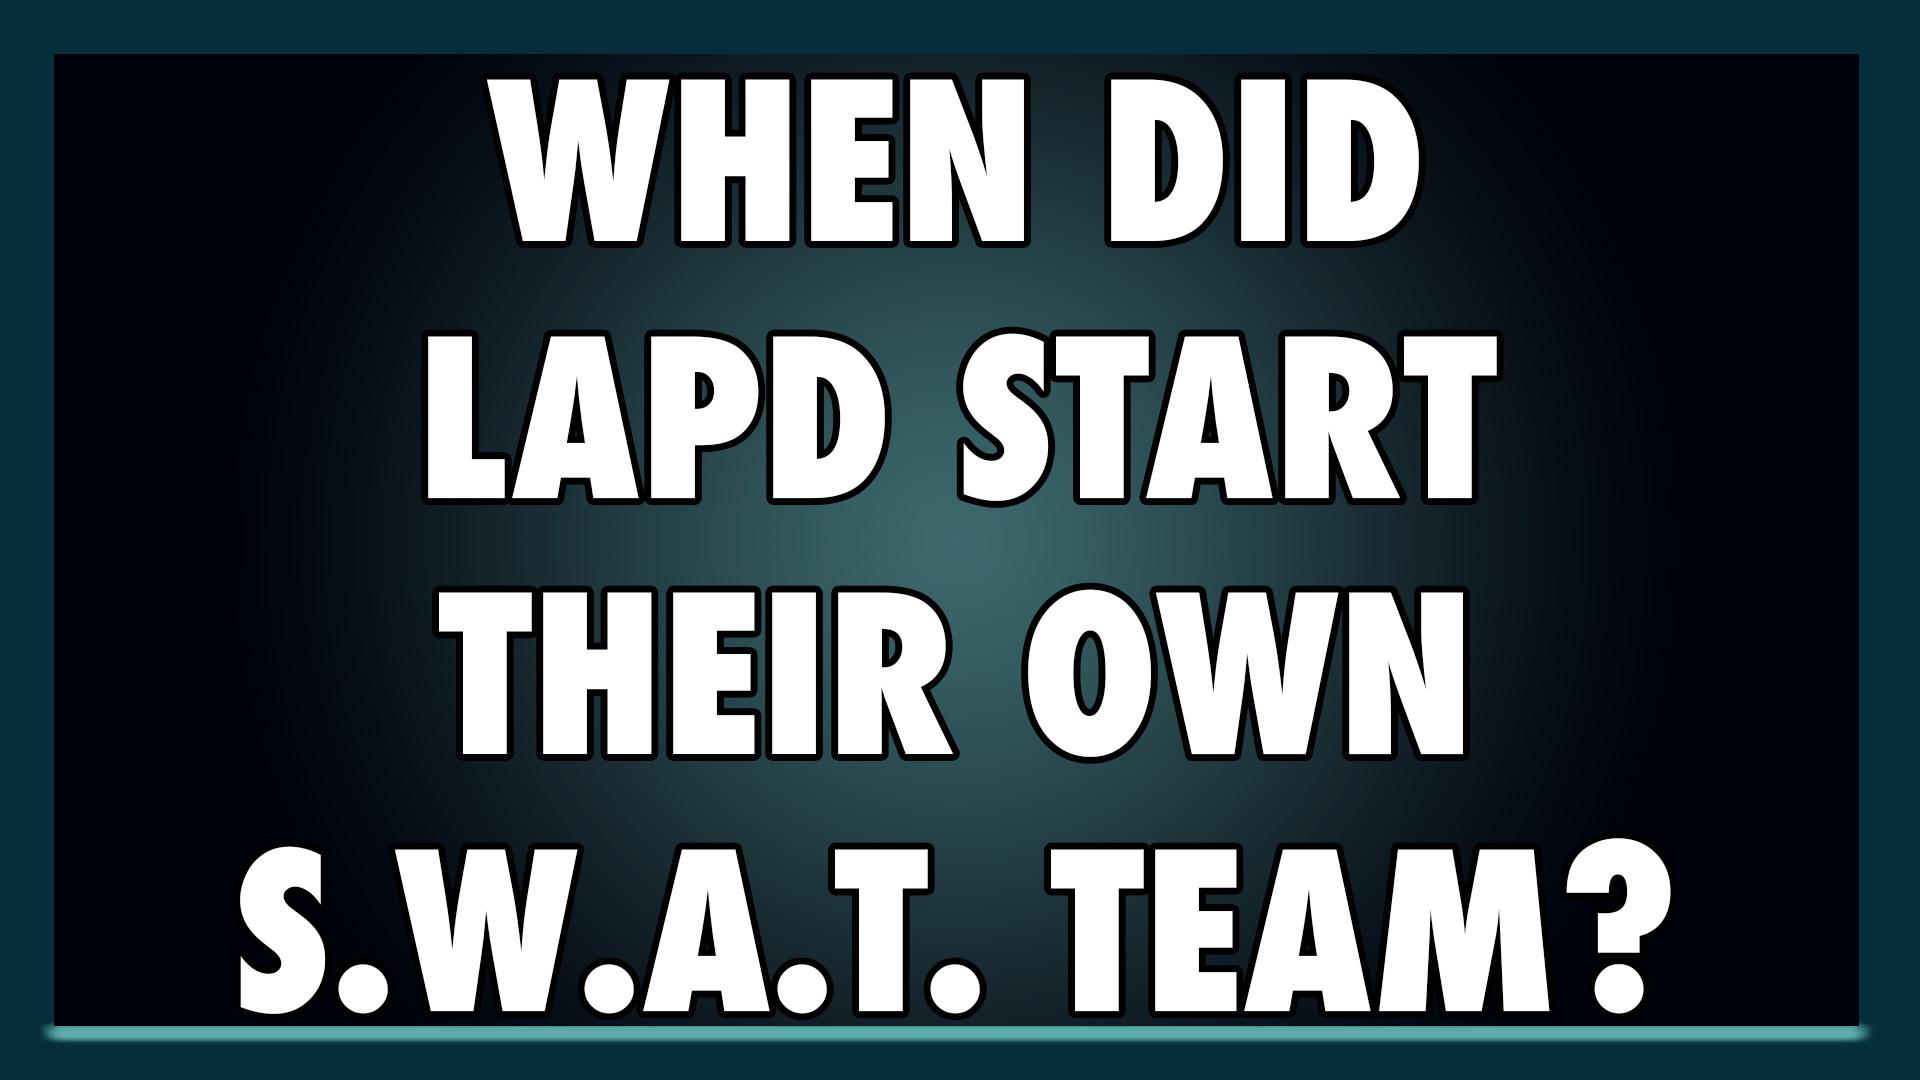 When did LAPD start their own S.W.A.T. team?